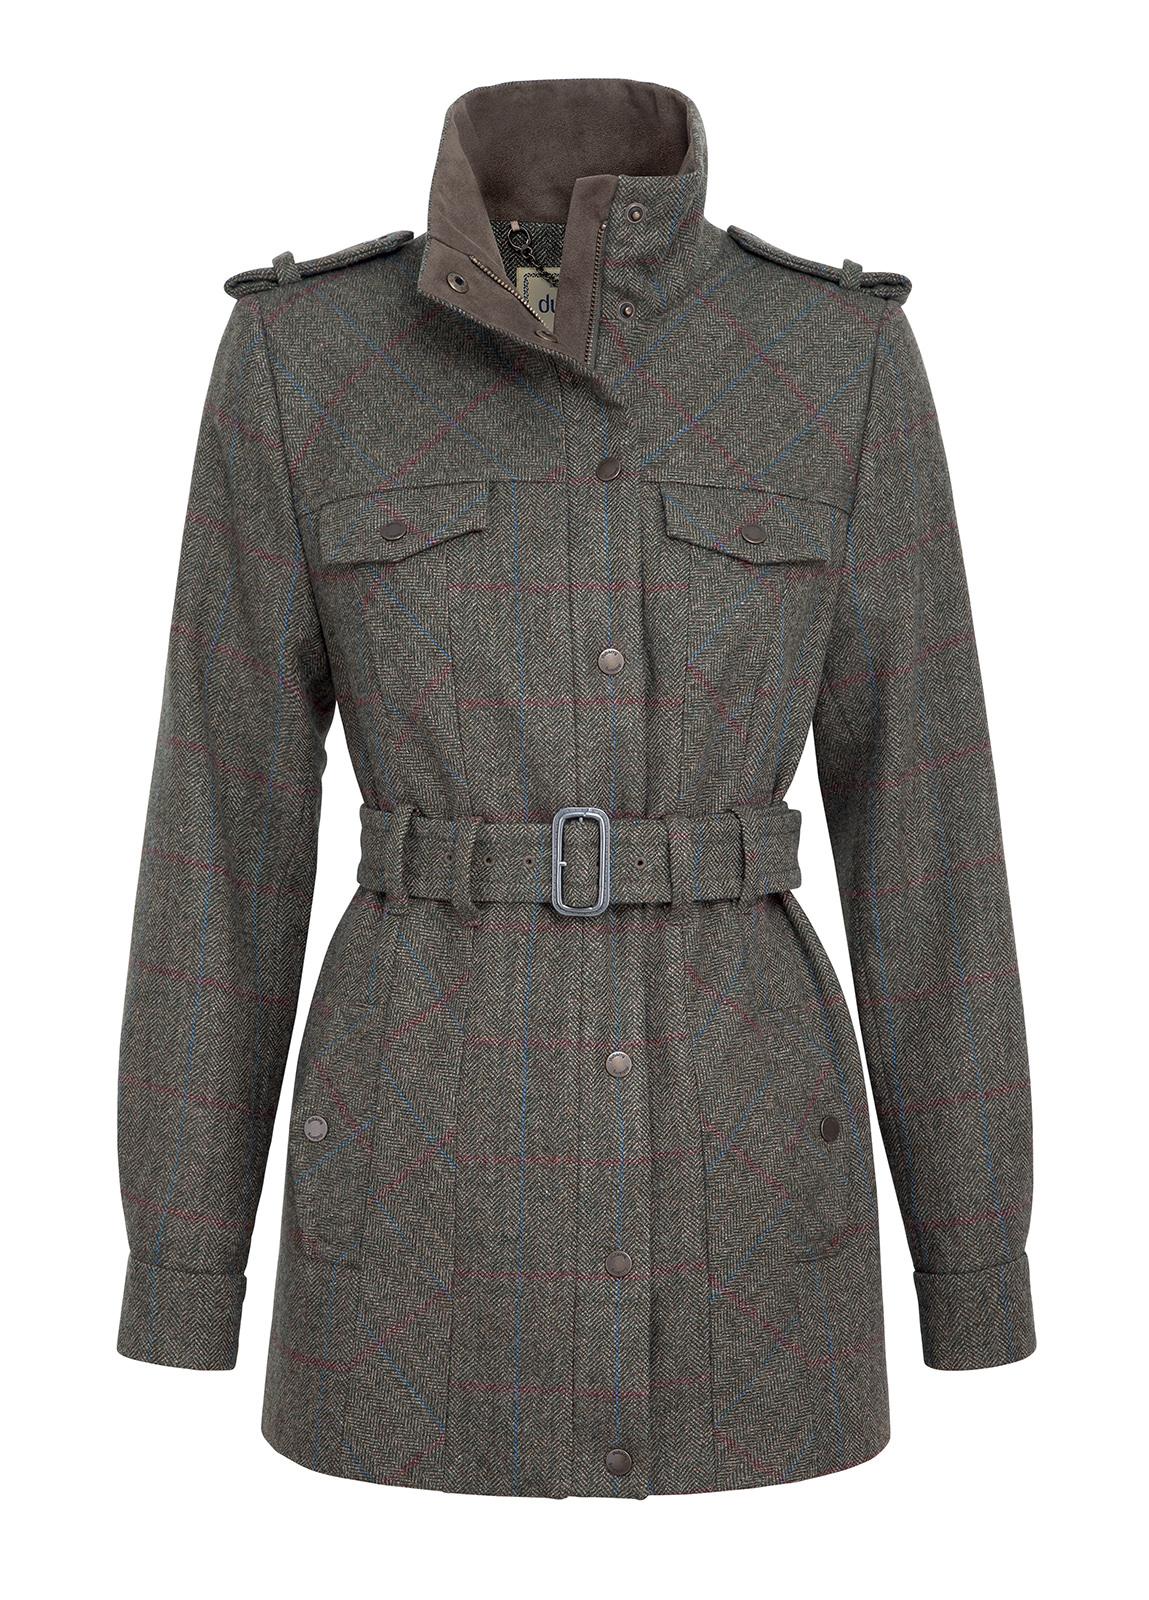 Dubarry_Rowan Women?s Tweed Utility Jacket - Moss_Image_2